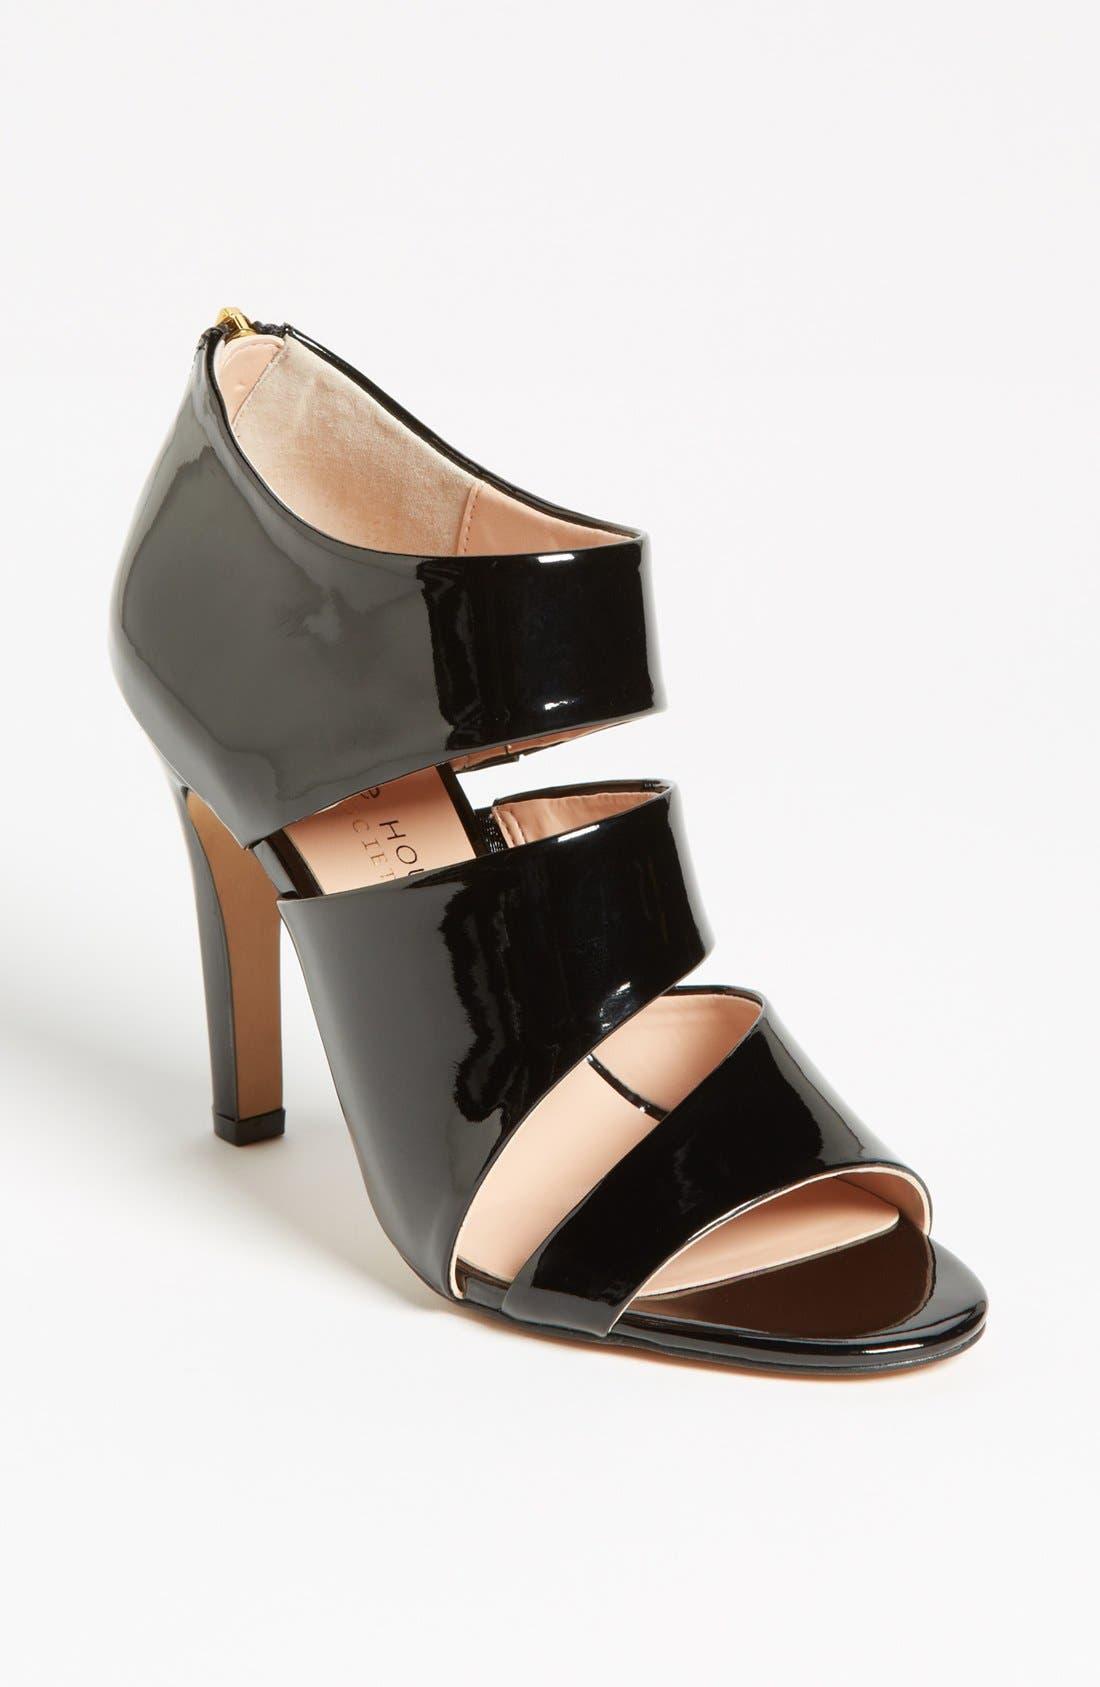 Alternate Image 1 Selected - Julianne Hough for Sole Society 'Kristen' Sandal